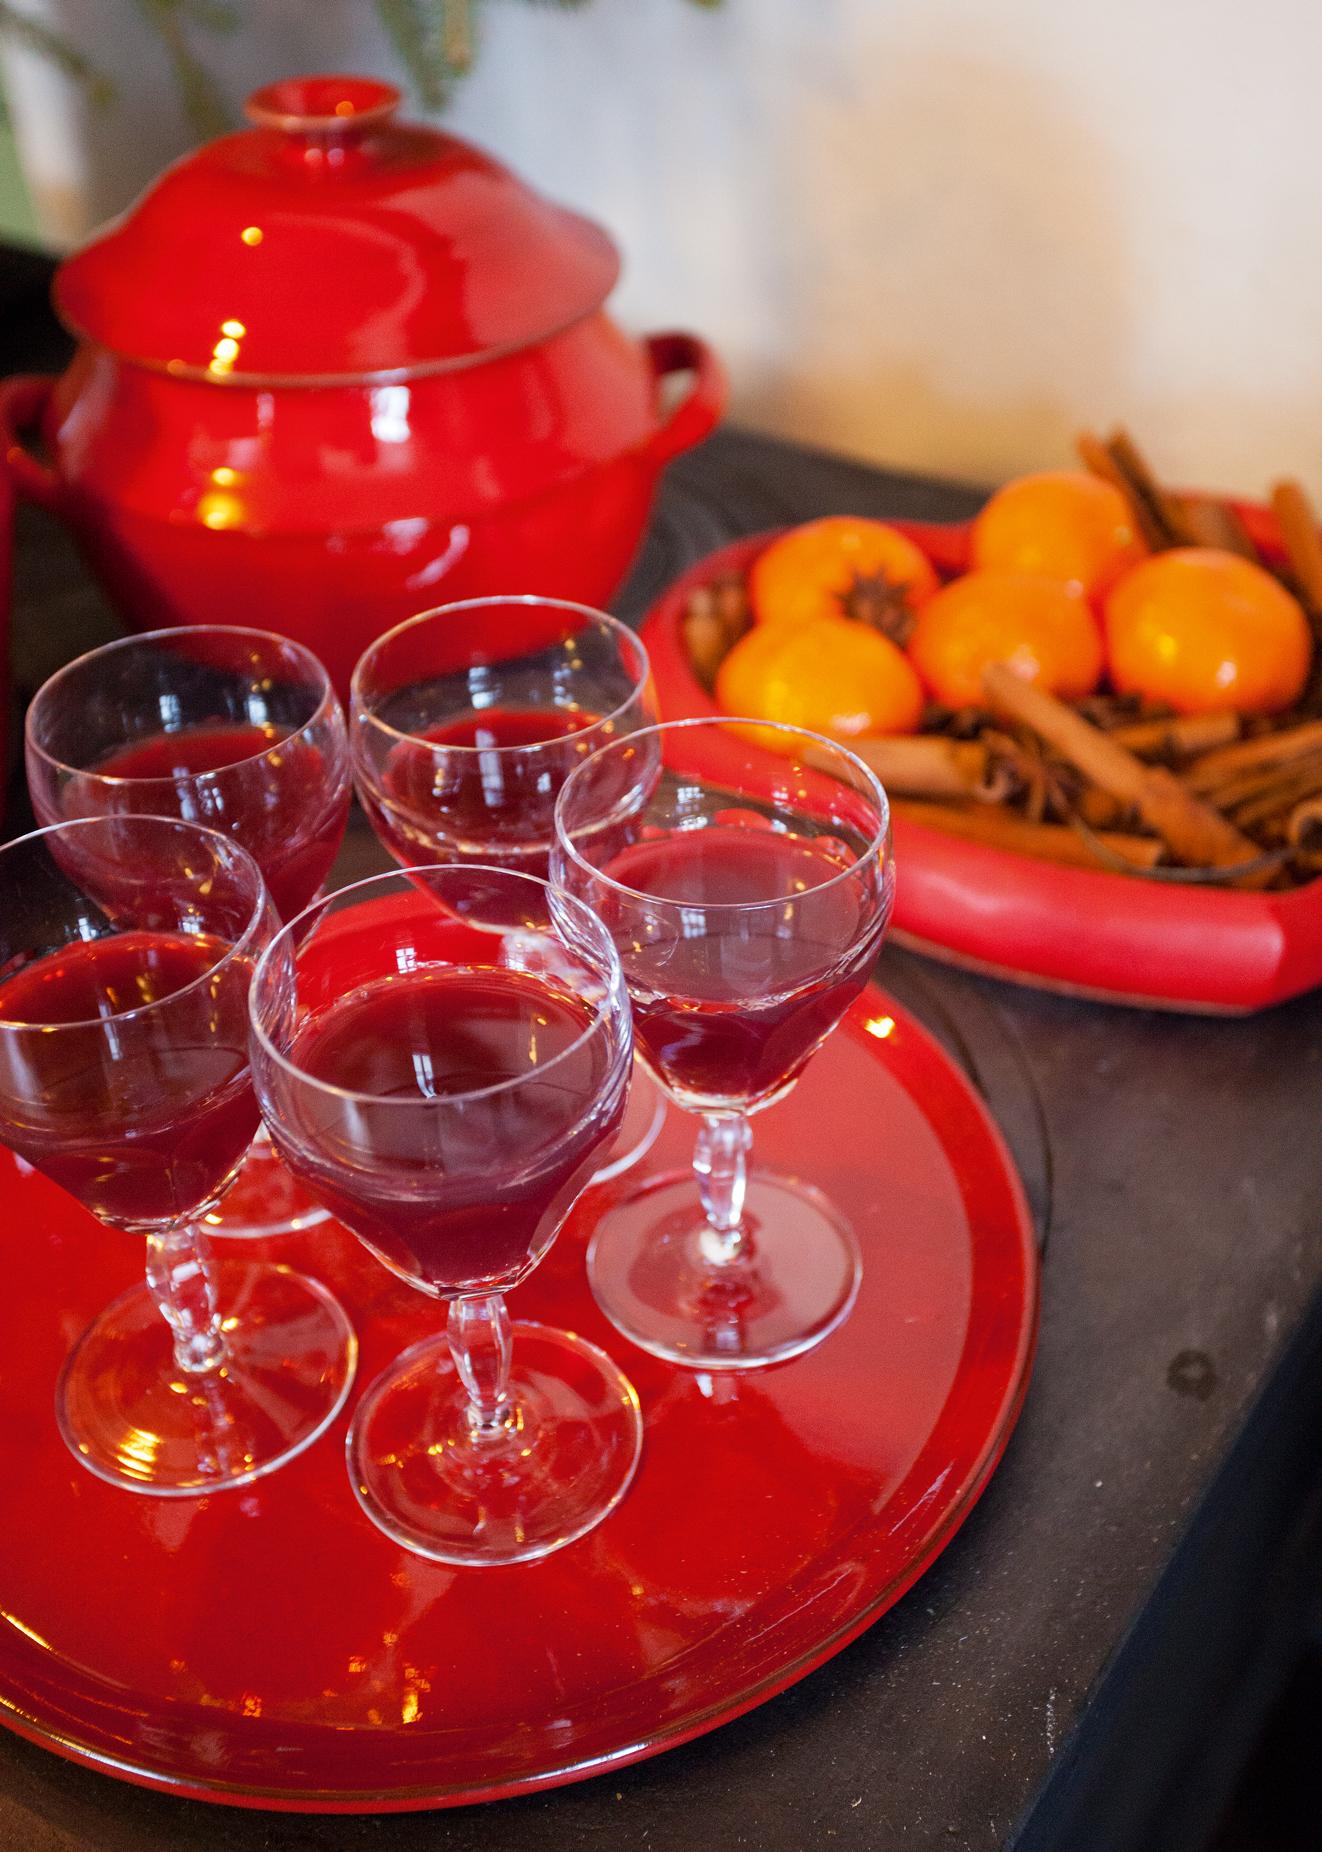 Brit serverer gjerne gjestene hjemmelaget bisp på kjøkkenet som en aperitiff i førjulstiden.